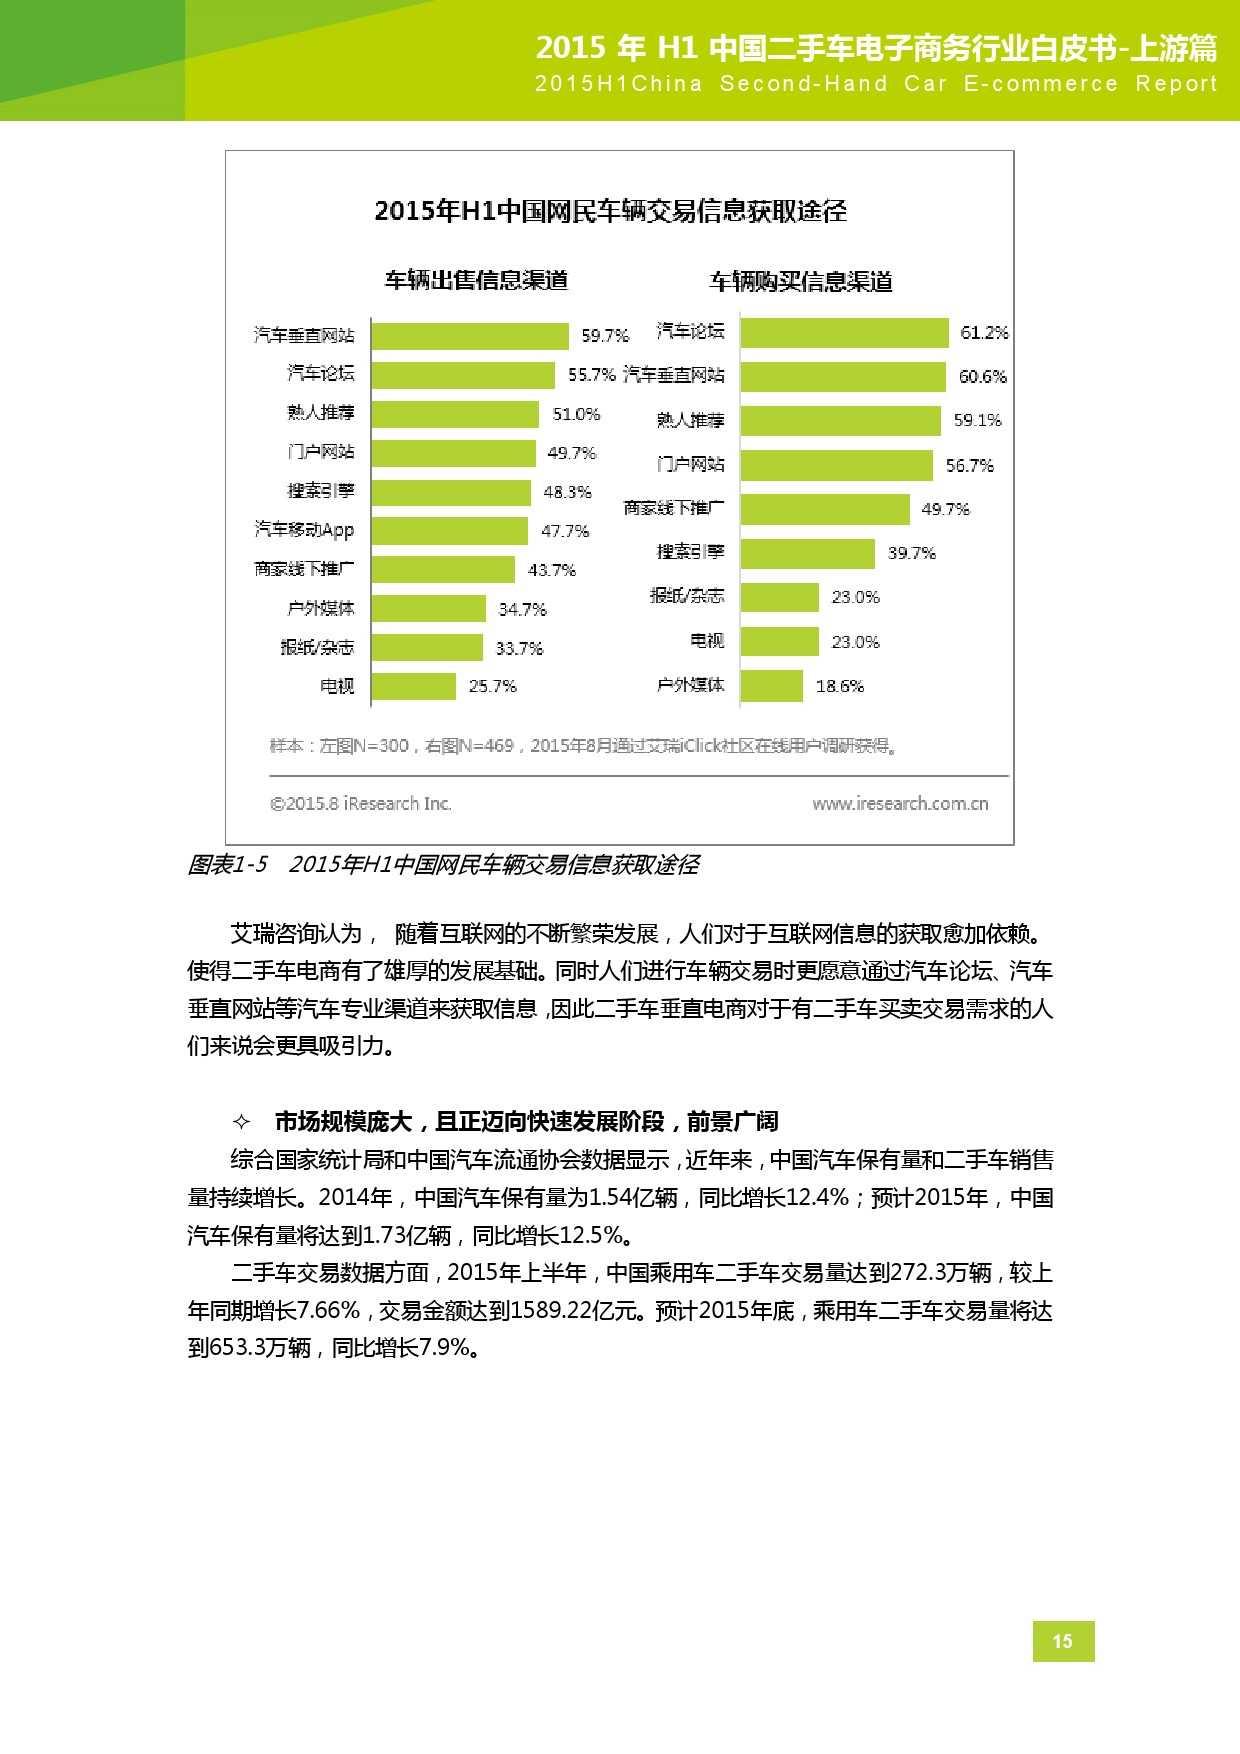 2015年中国二手车电子商务行业白皮书-上游篇_000016